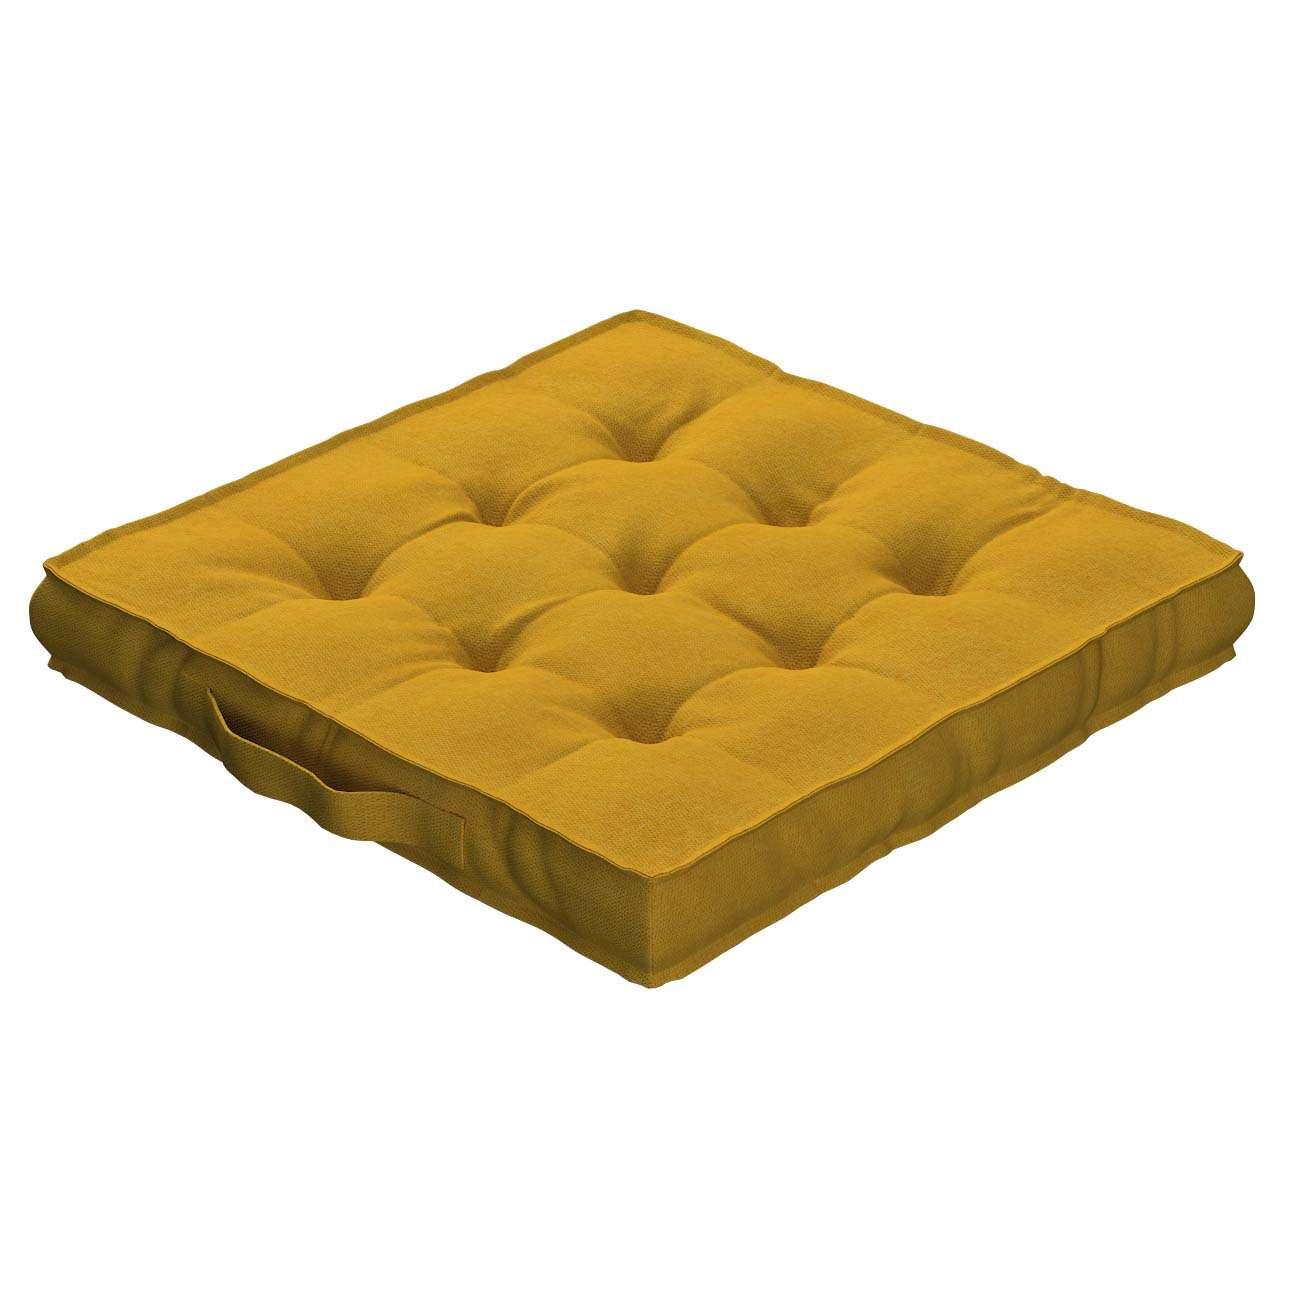 Tomi sėdimoji pagalvėlė kolekcijoje Lillipop, audinys: 705-04